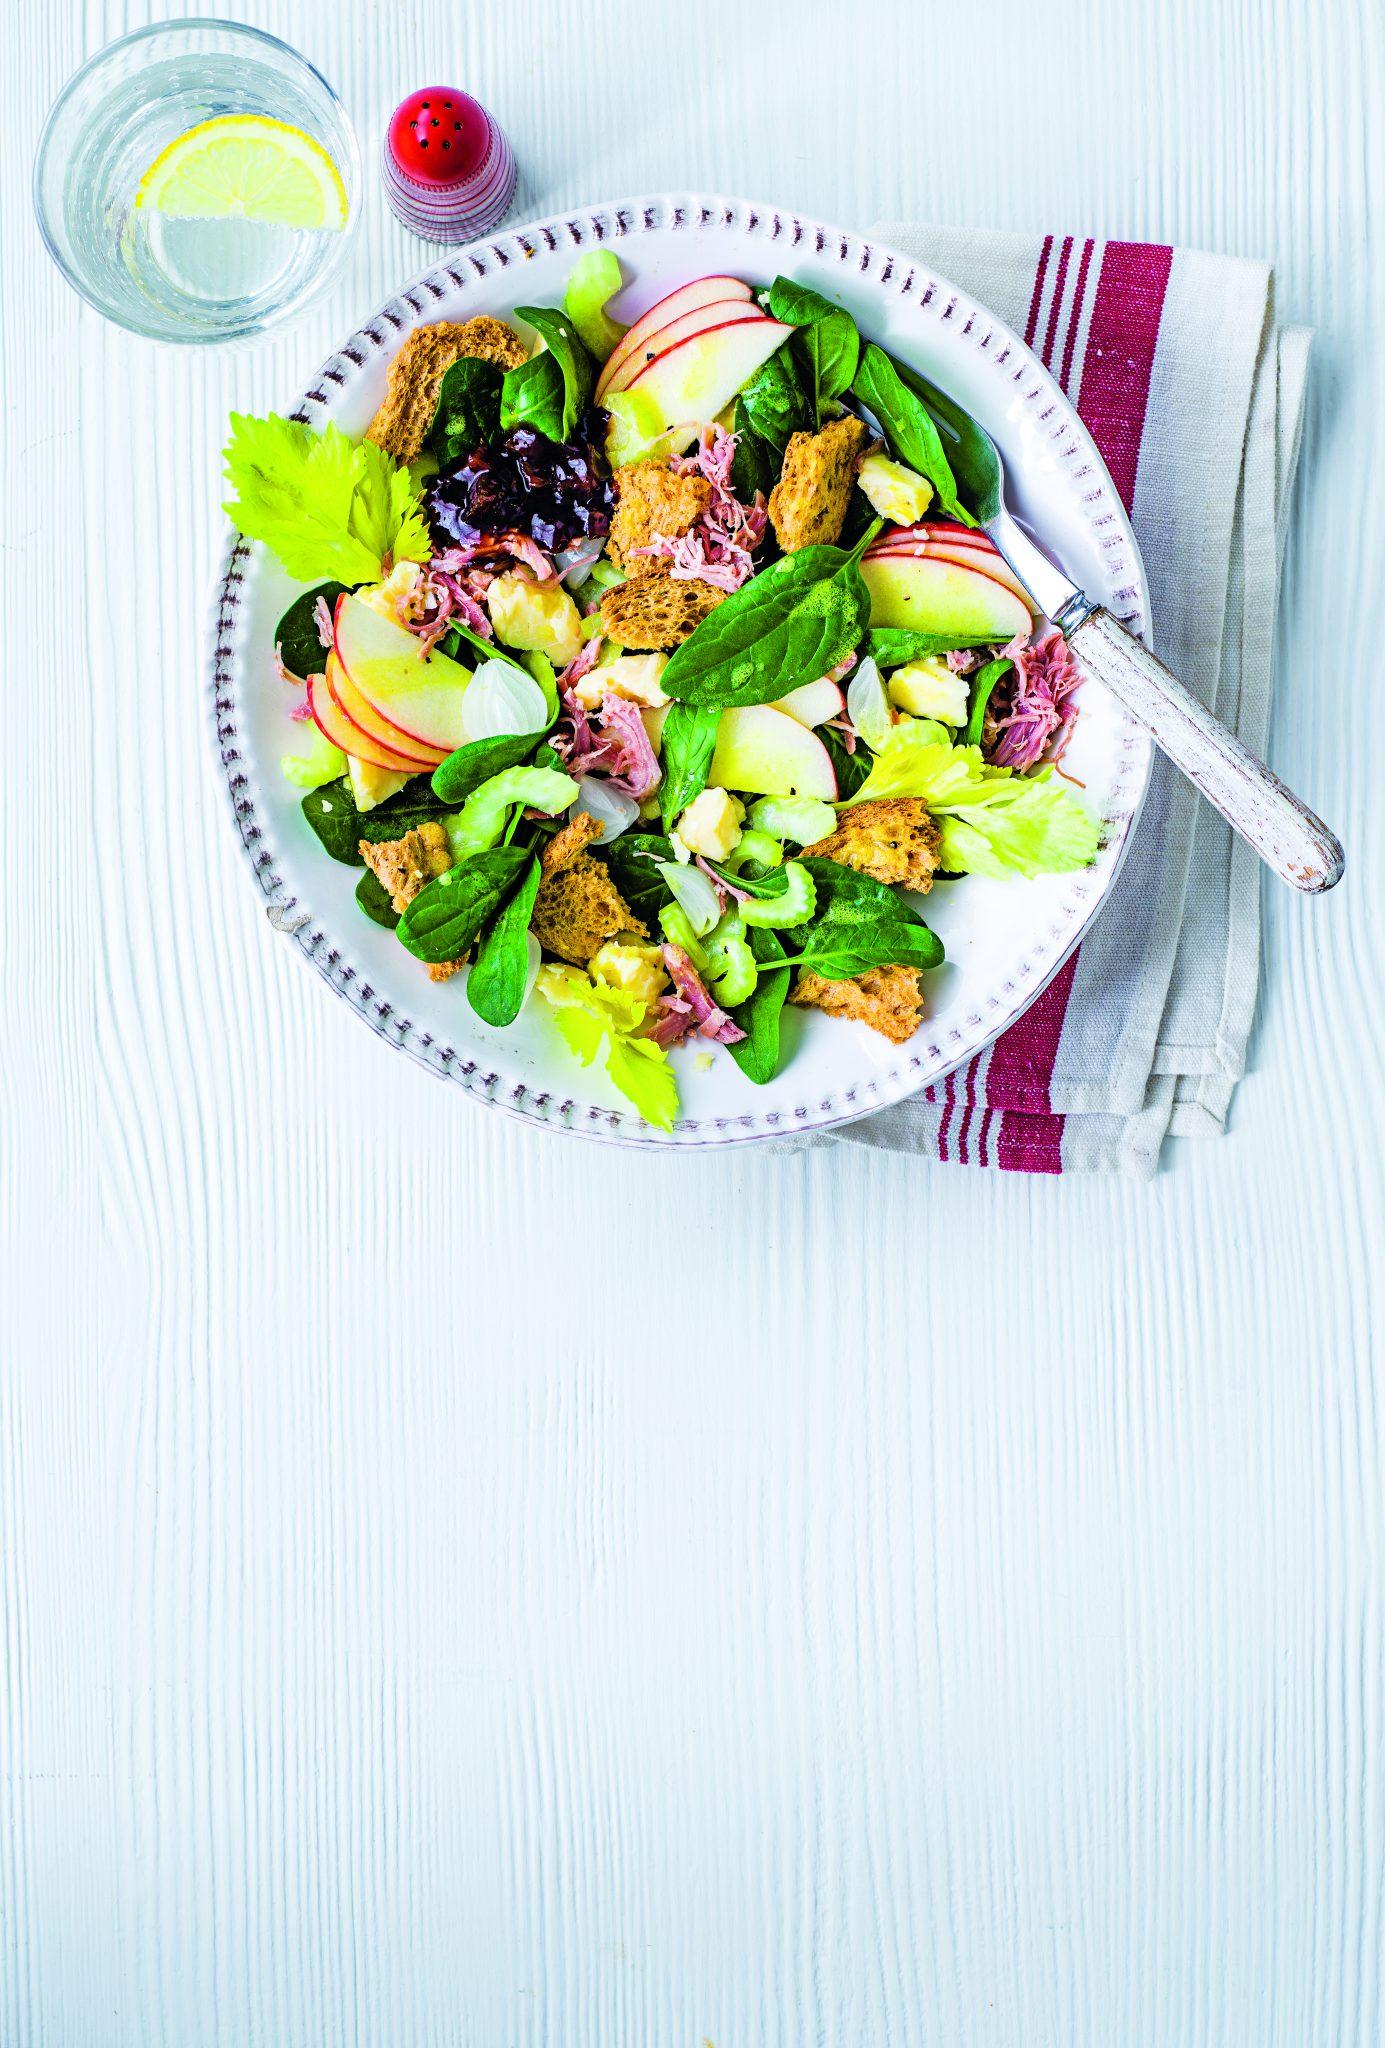 Ploughmans salad